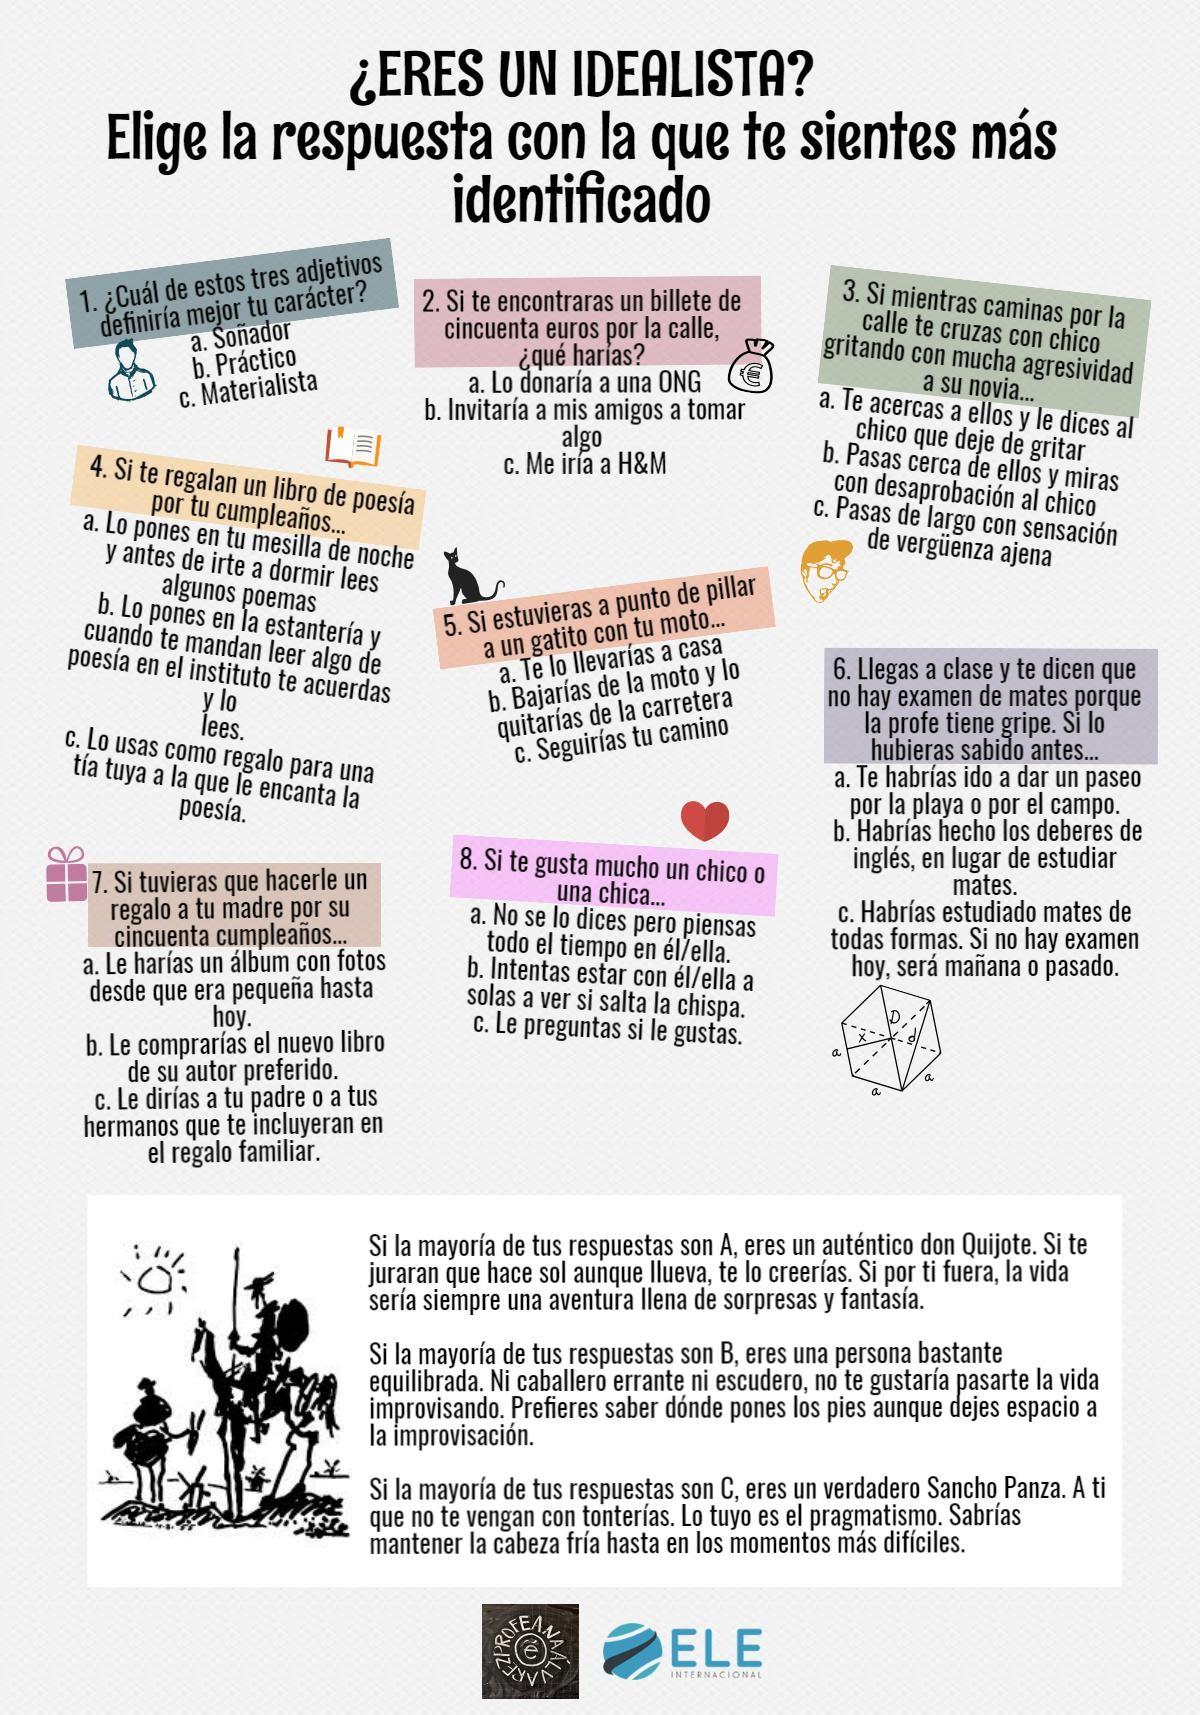 cuestionario_quijote_condicionales_profeanaalvarez